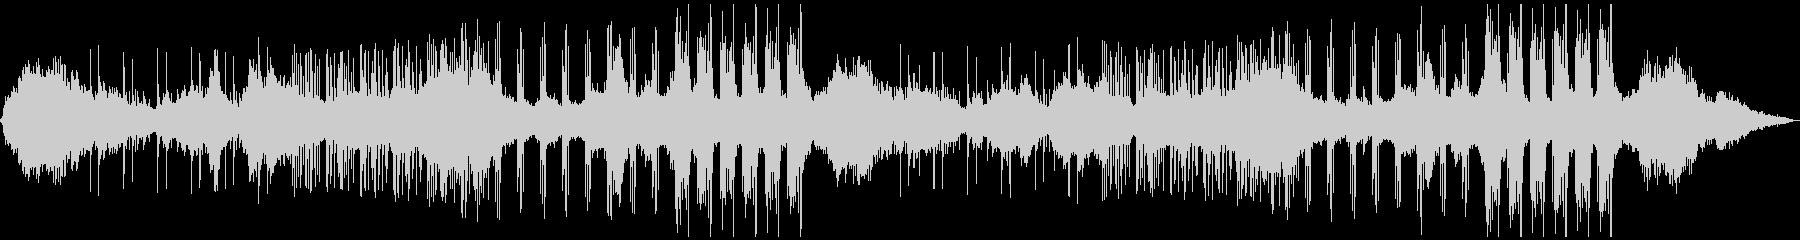 ドローンアンビエント+ドラムの未再生の波形